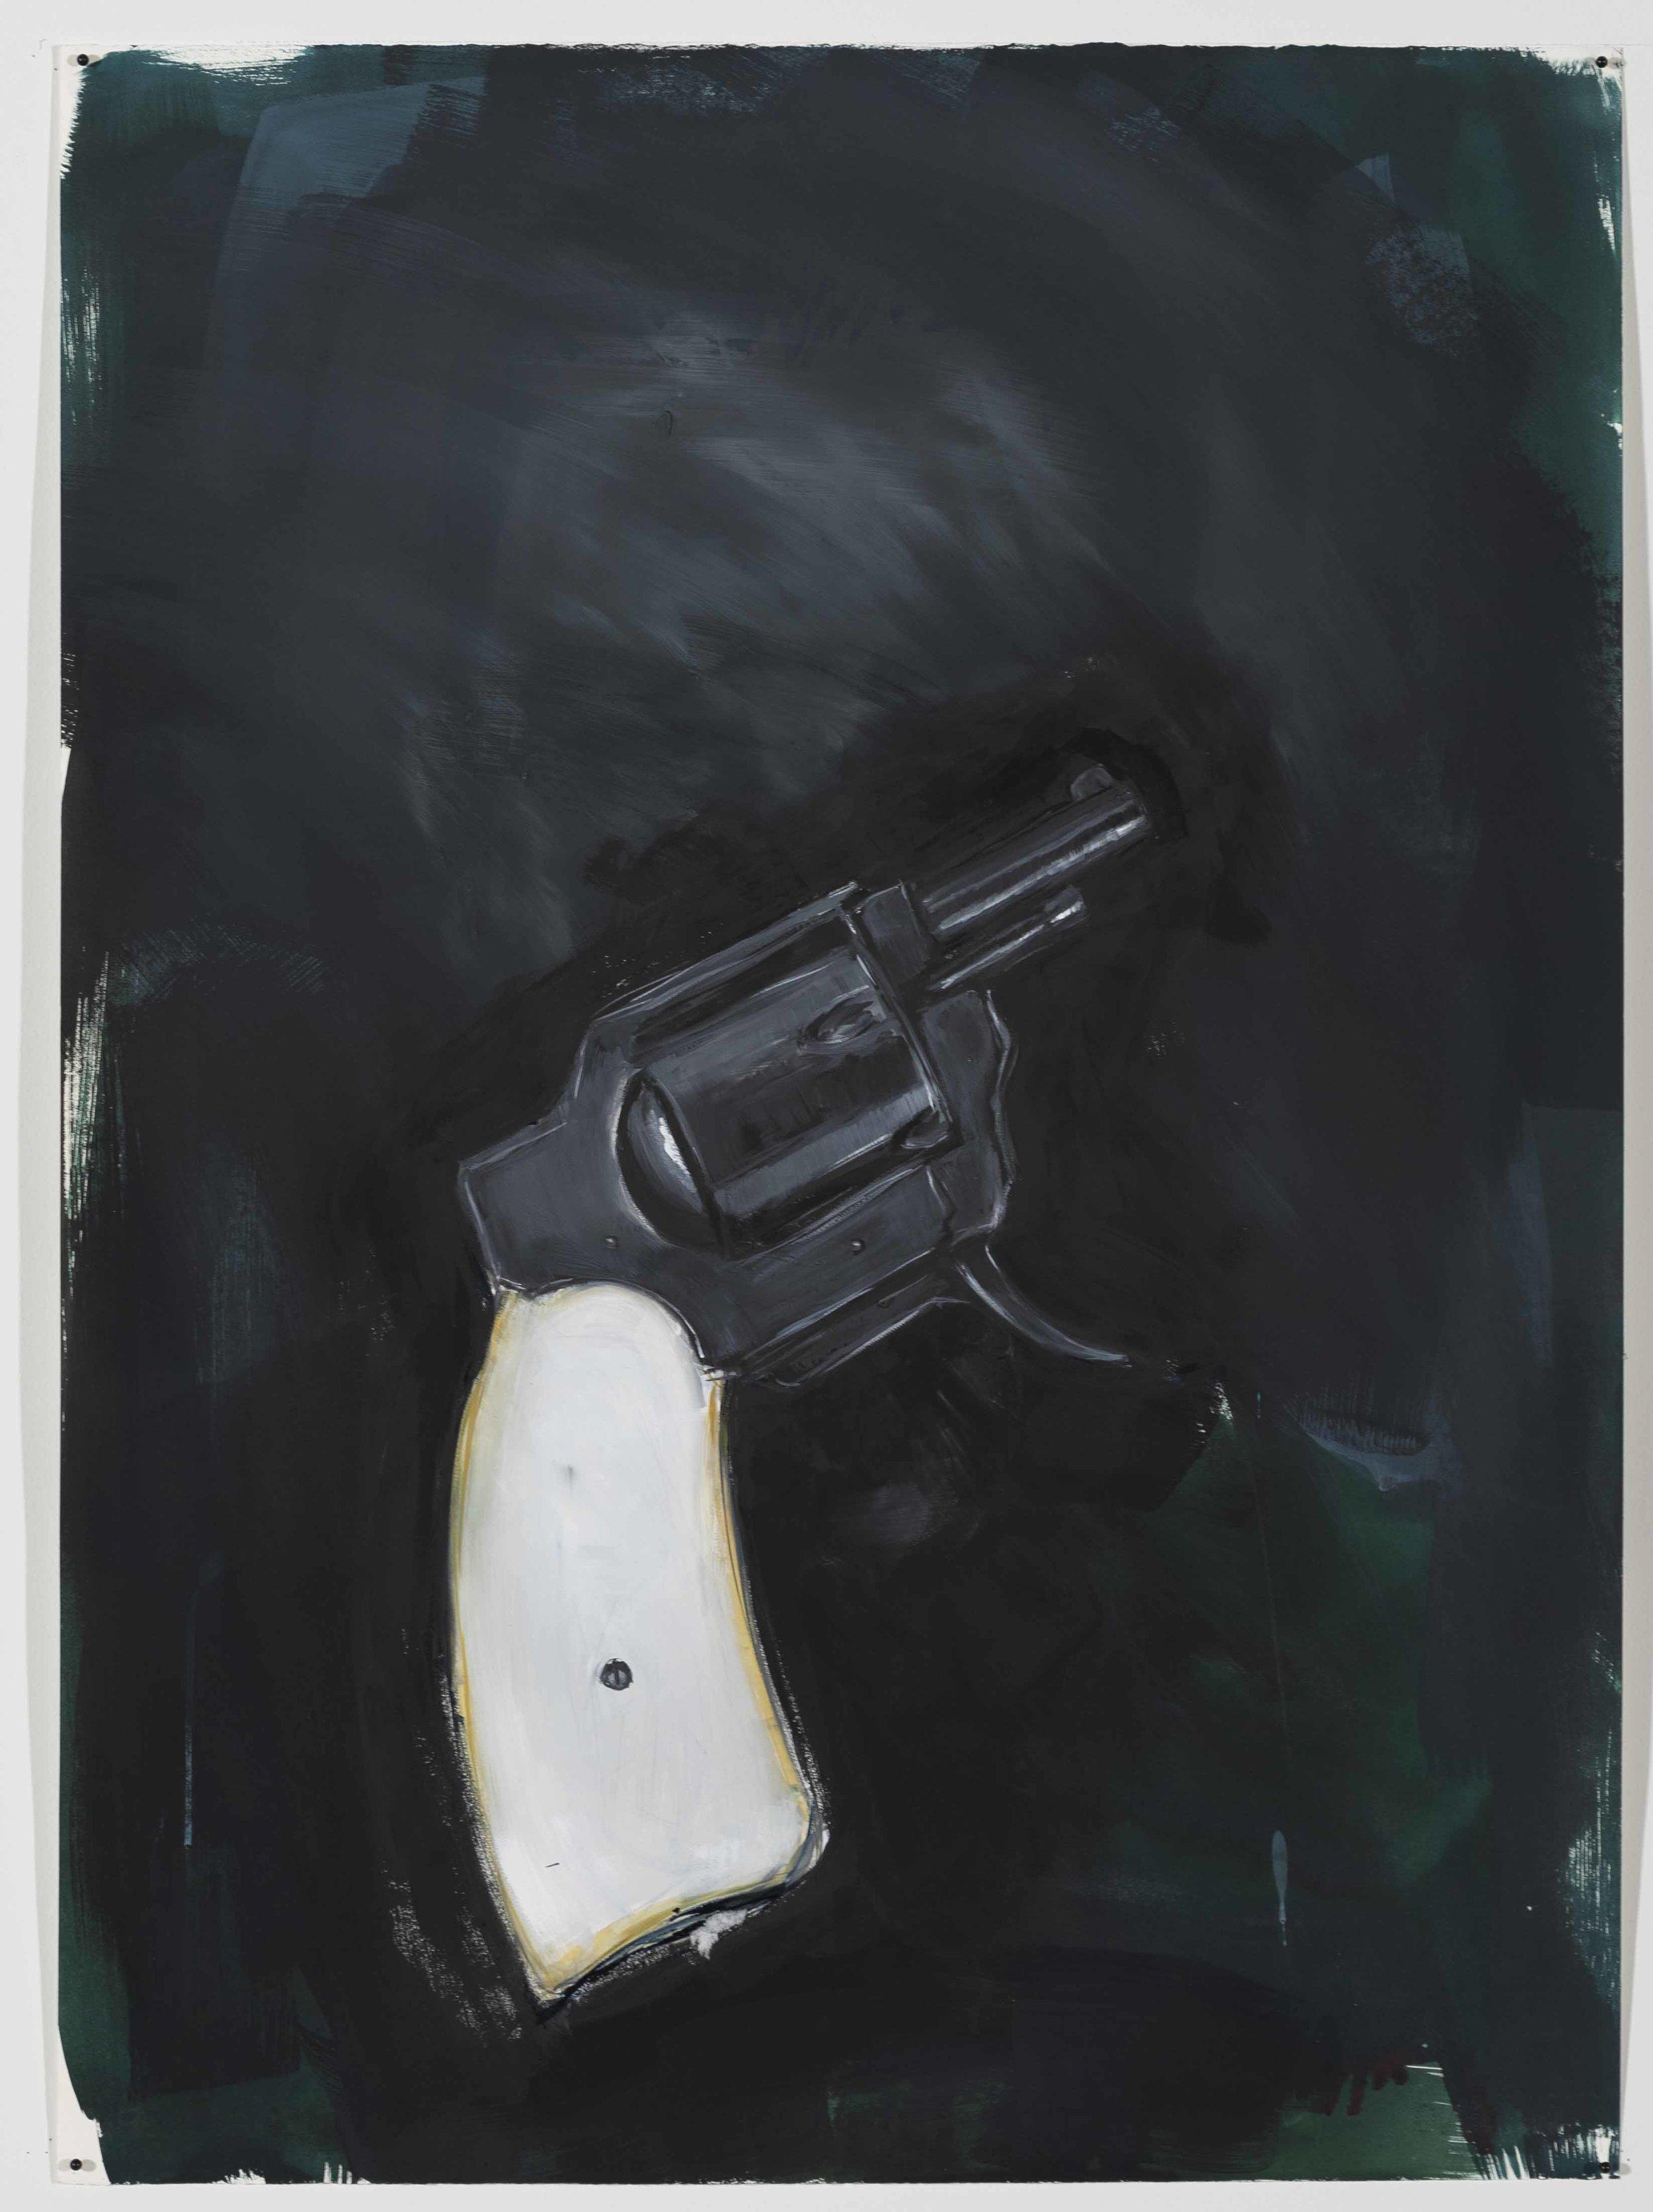 Murder_Ballad_part_1__8.JPG